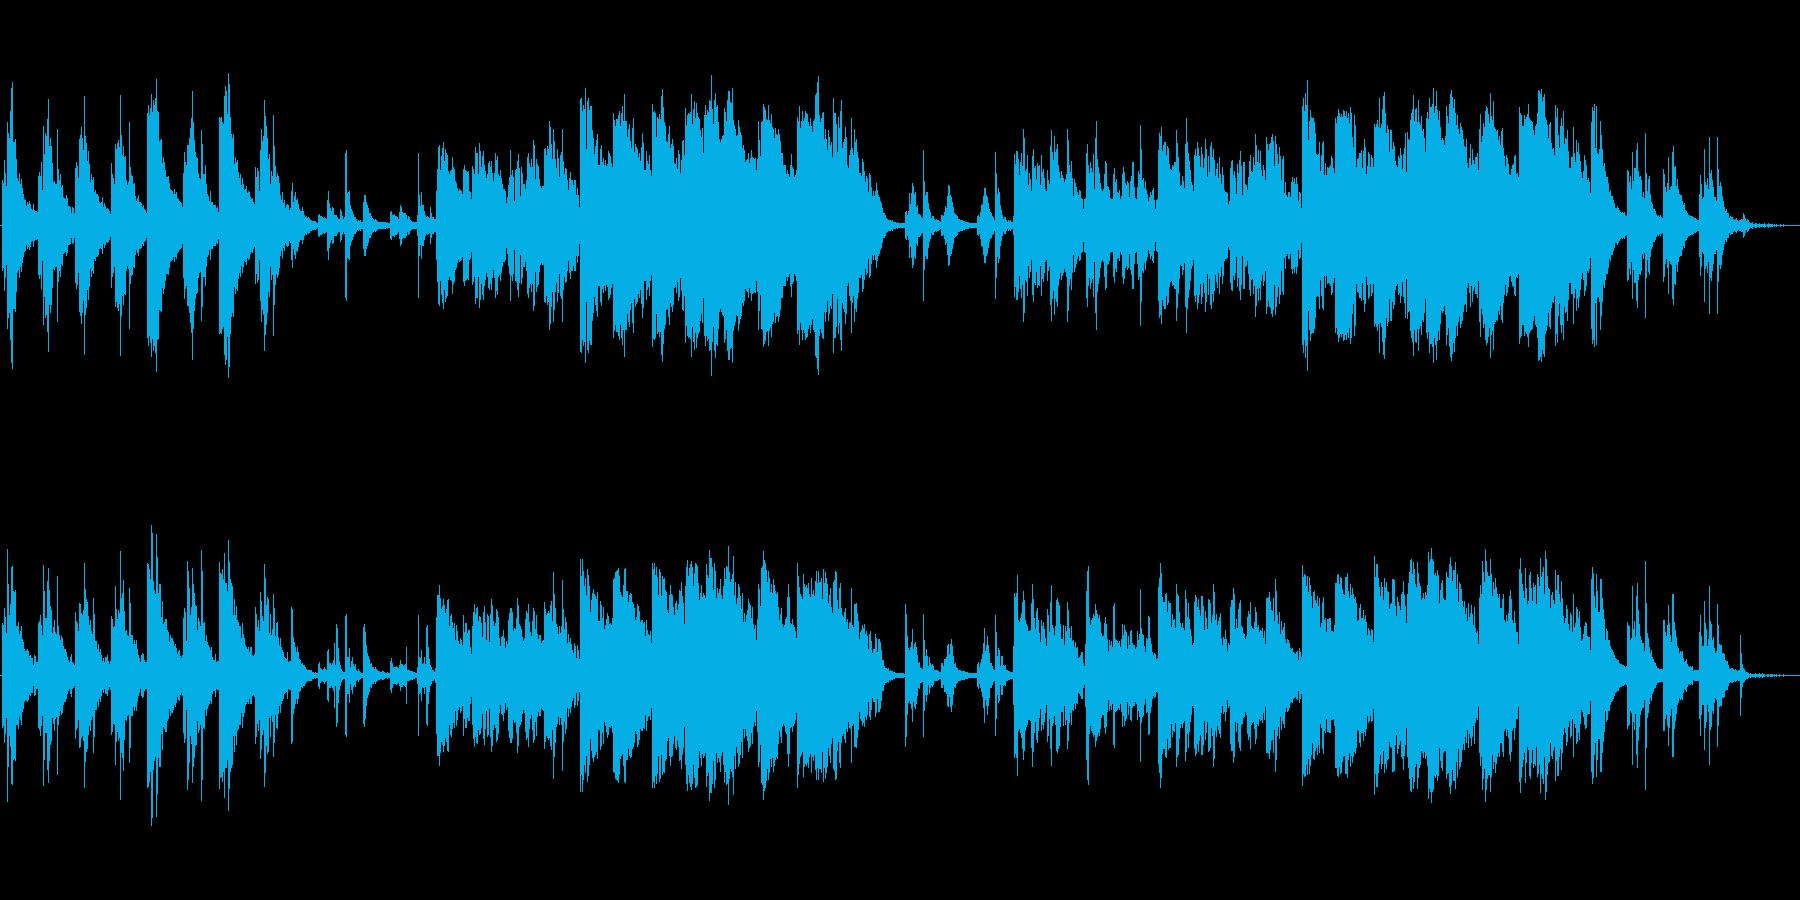 シンプルで幻想的なヒーリングミュージックの再生済みの波形